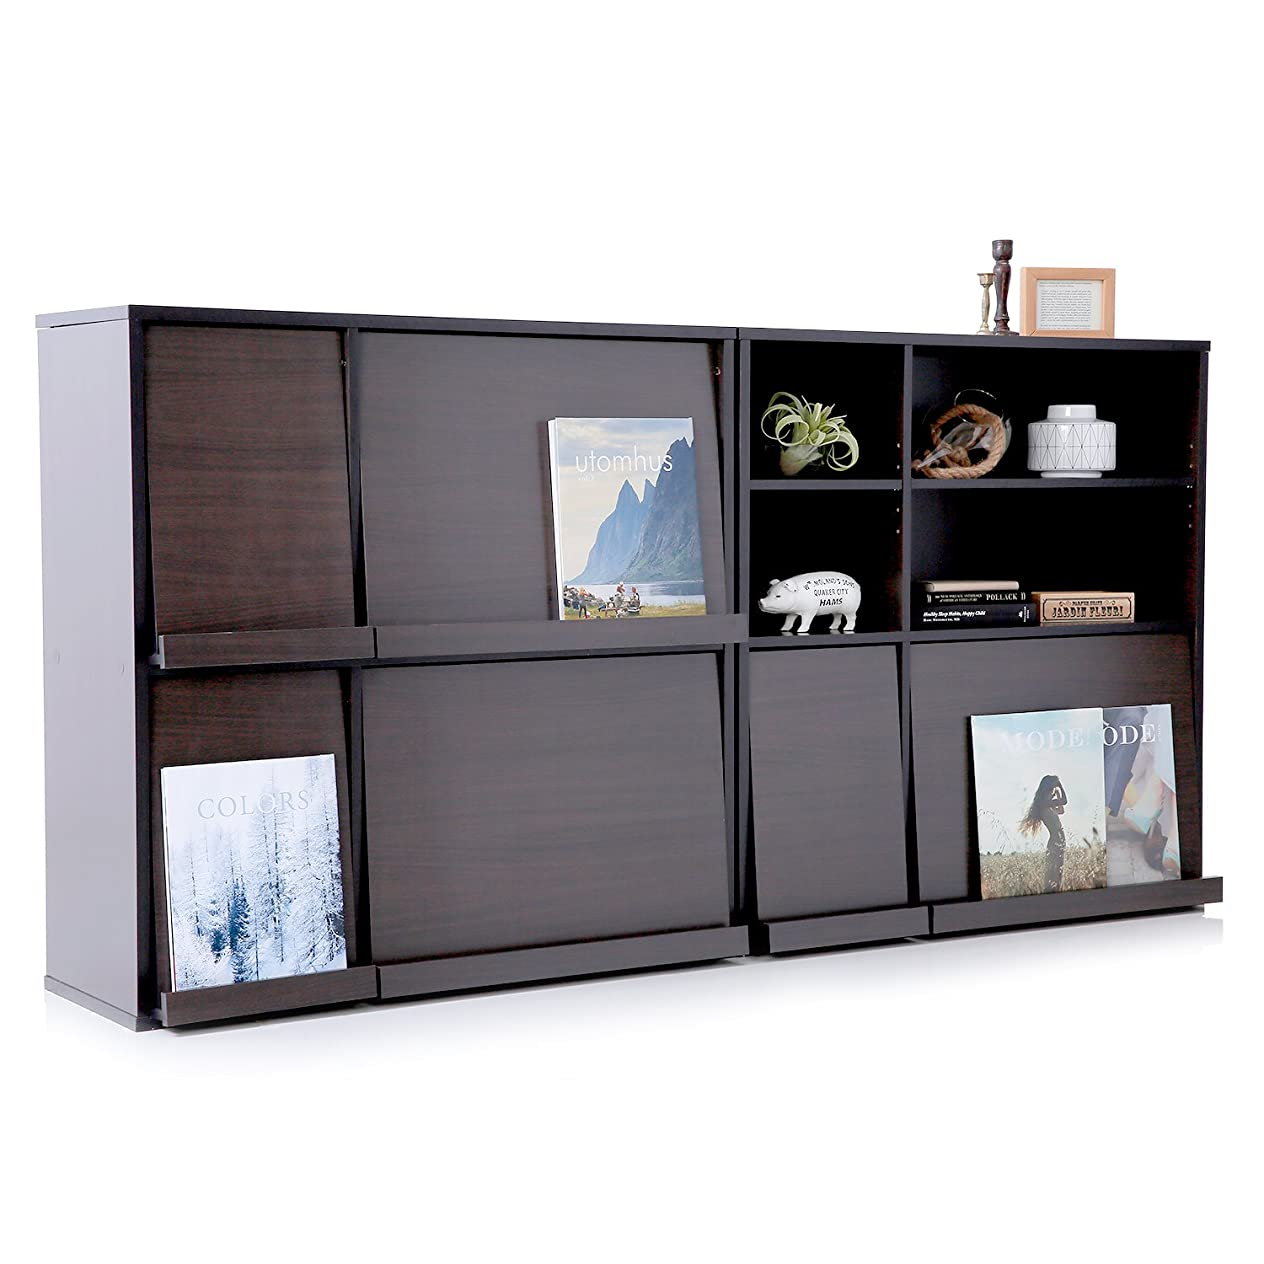 わなタオル糸LOWYA ラック 本棚 フラップ扉 木製 2個セット 収納 ブラウン おしゃれ 新生活